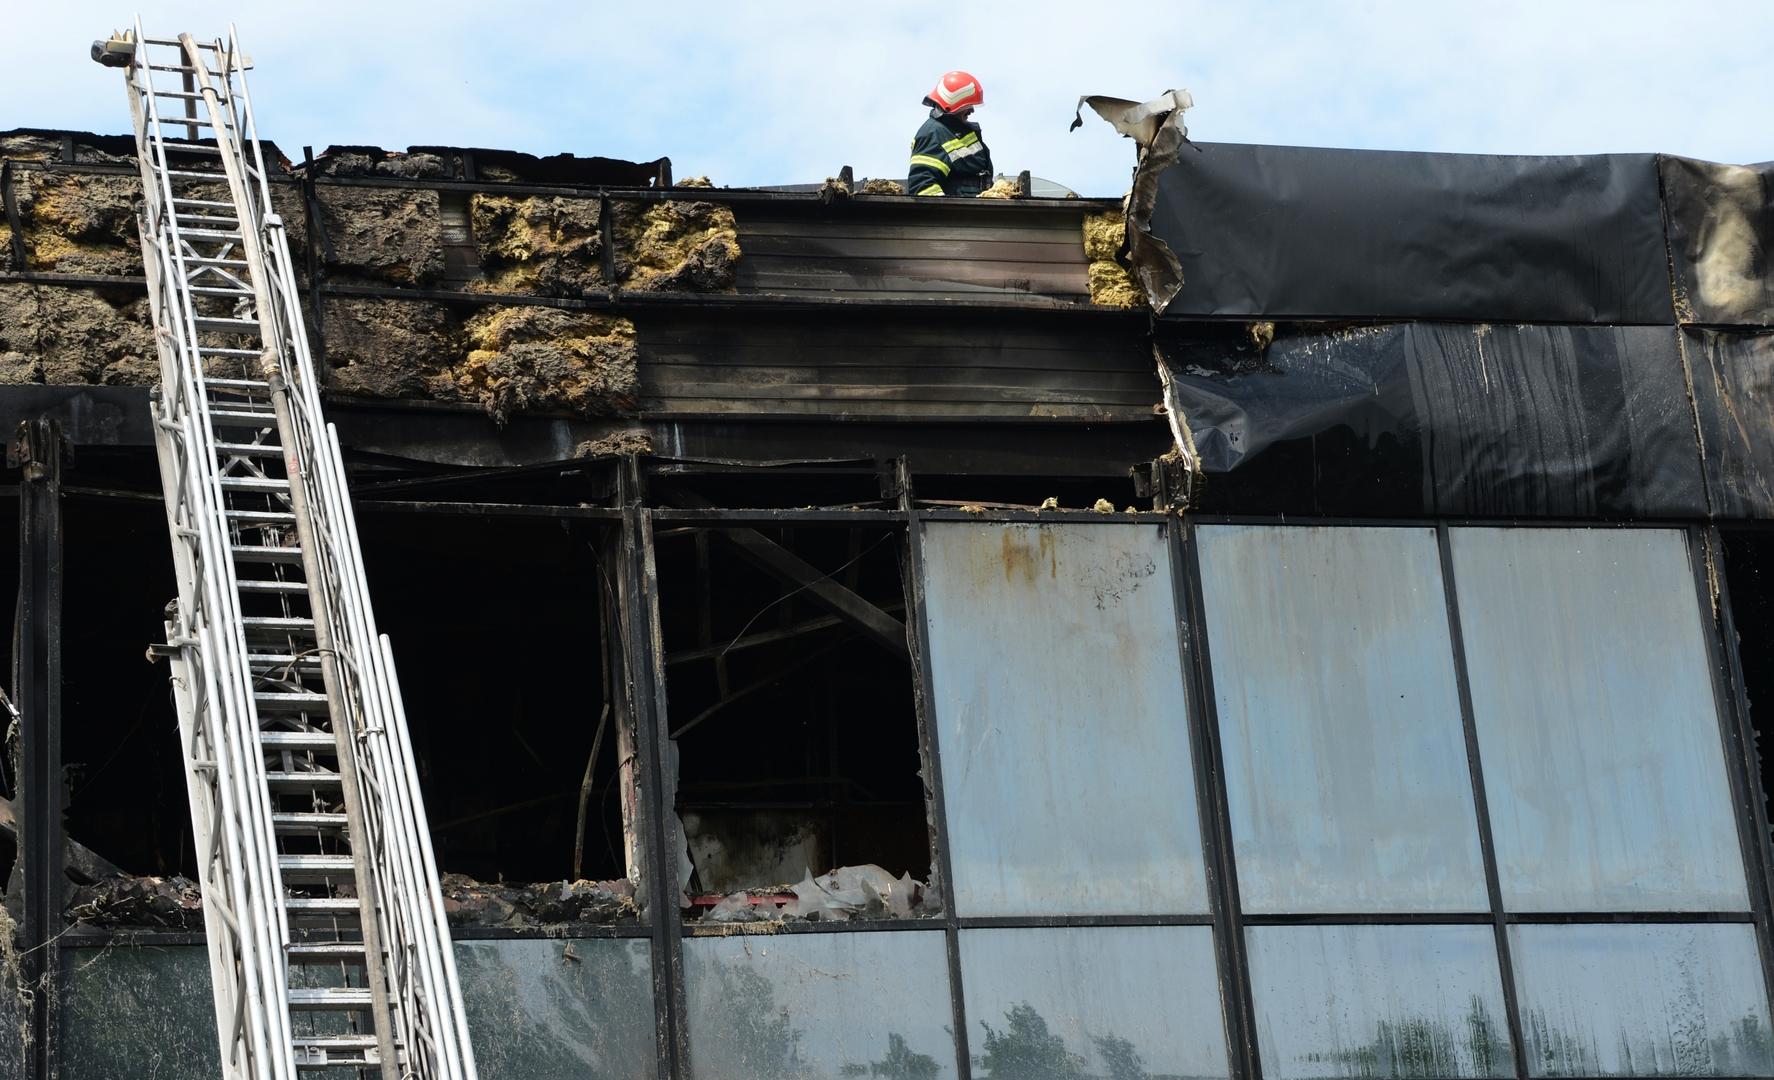 15 قتيلا جراء حريق بدار مسنين في خاركوف الأوكرانية